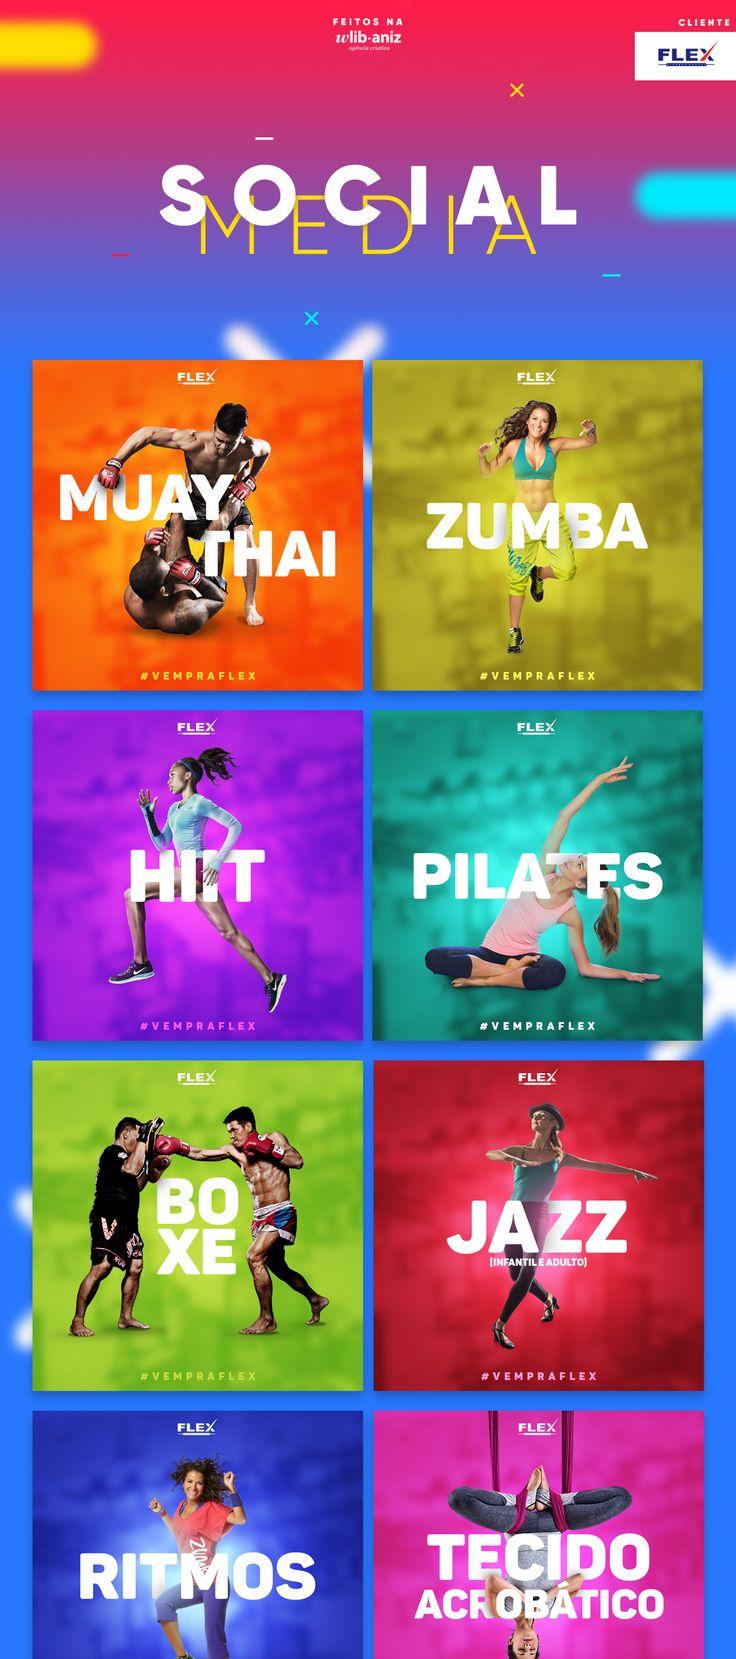 Confira este projeto do @Behance: \u201cSocial Media - Flex Fitness Center\u201d https://www.behance.net/gallery/48678273/Social-Media-Flex-Fitness-Center